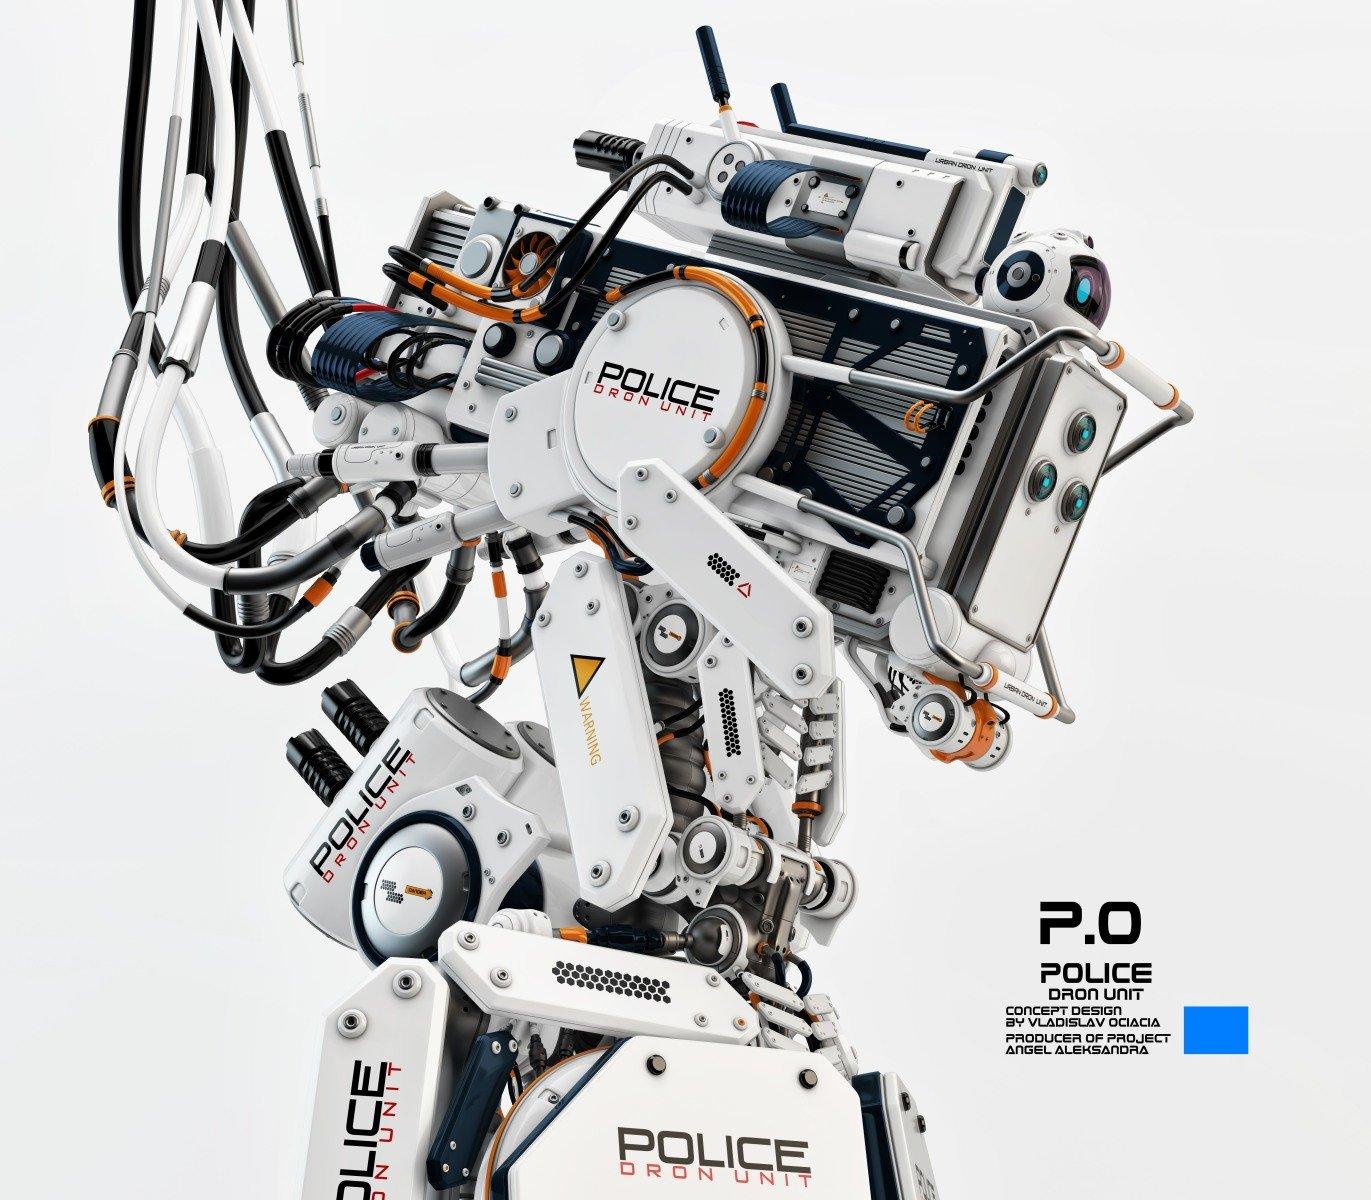 Vladislav ociacia police dron unit 4